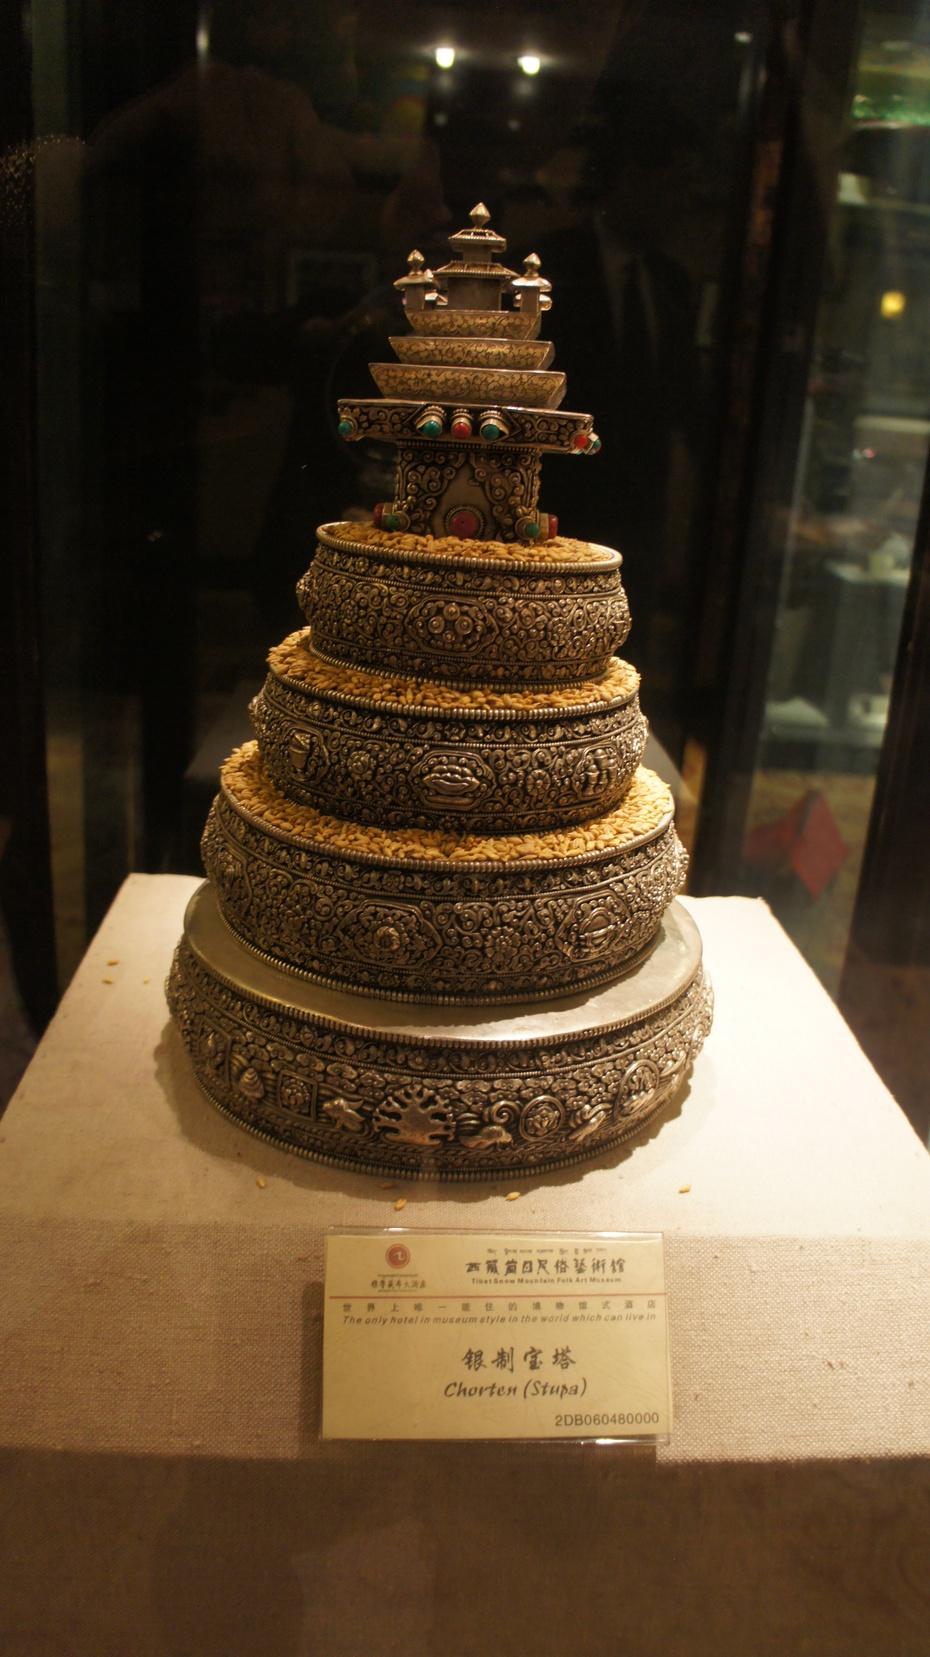 特色饭店之十四:雅鲁藏布大酒店 - 余昌国 - 我的博客